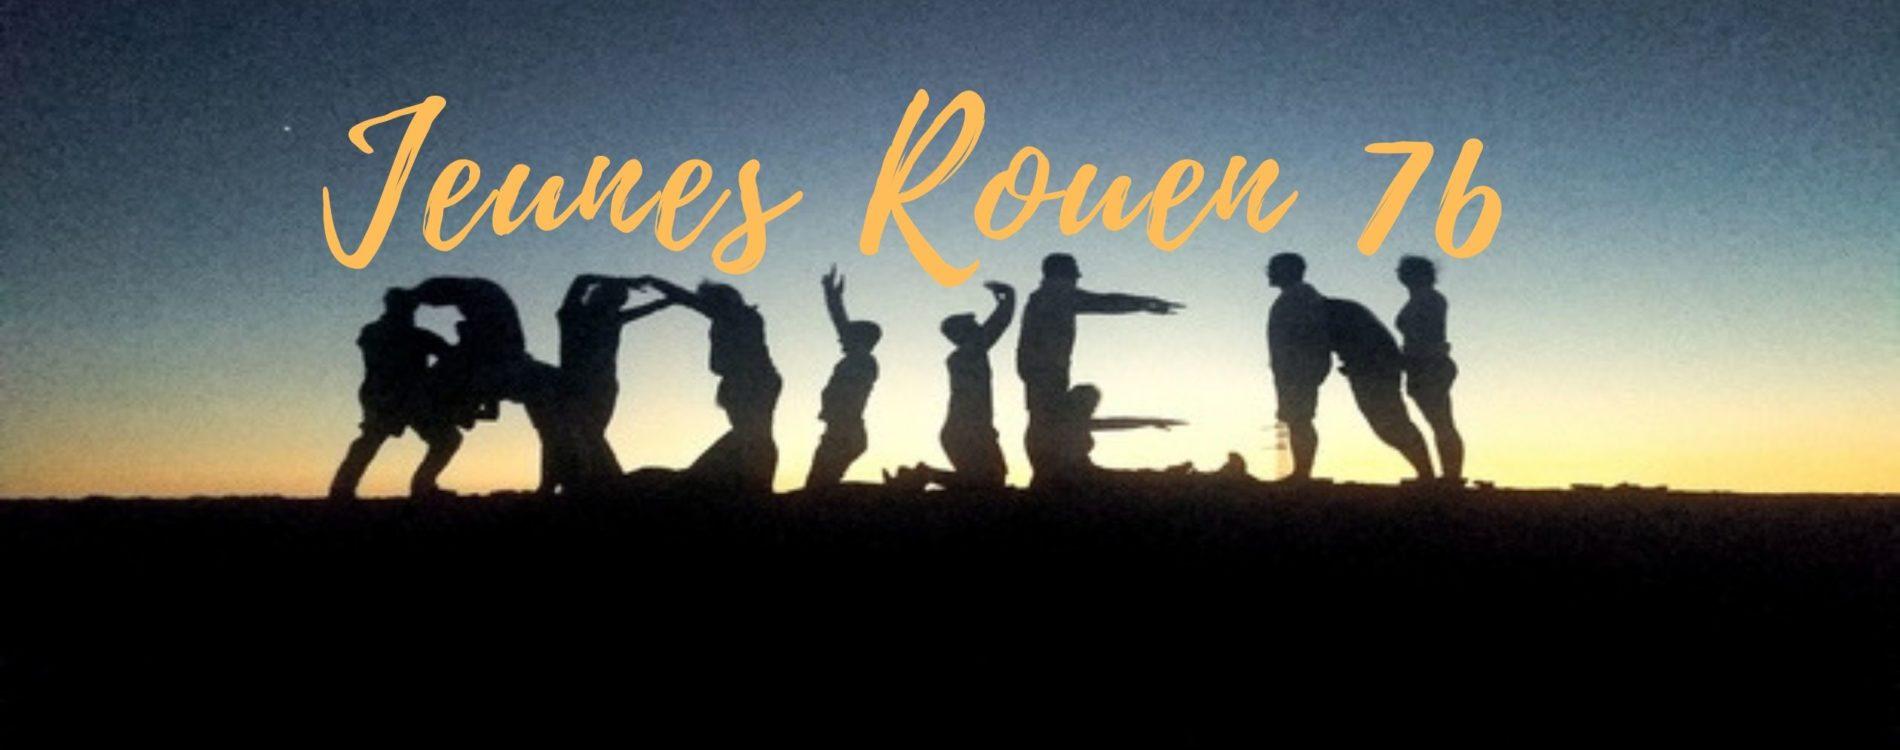 Jeunes de Rouen 76 (1)